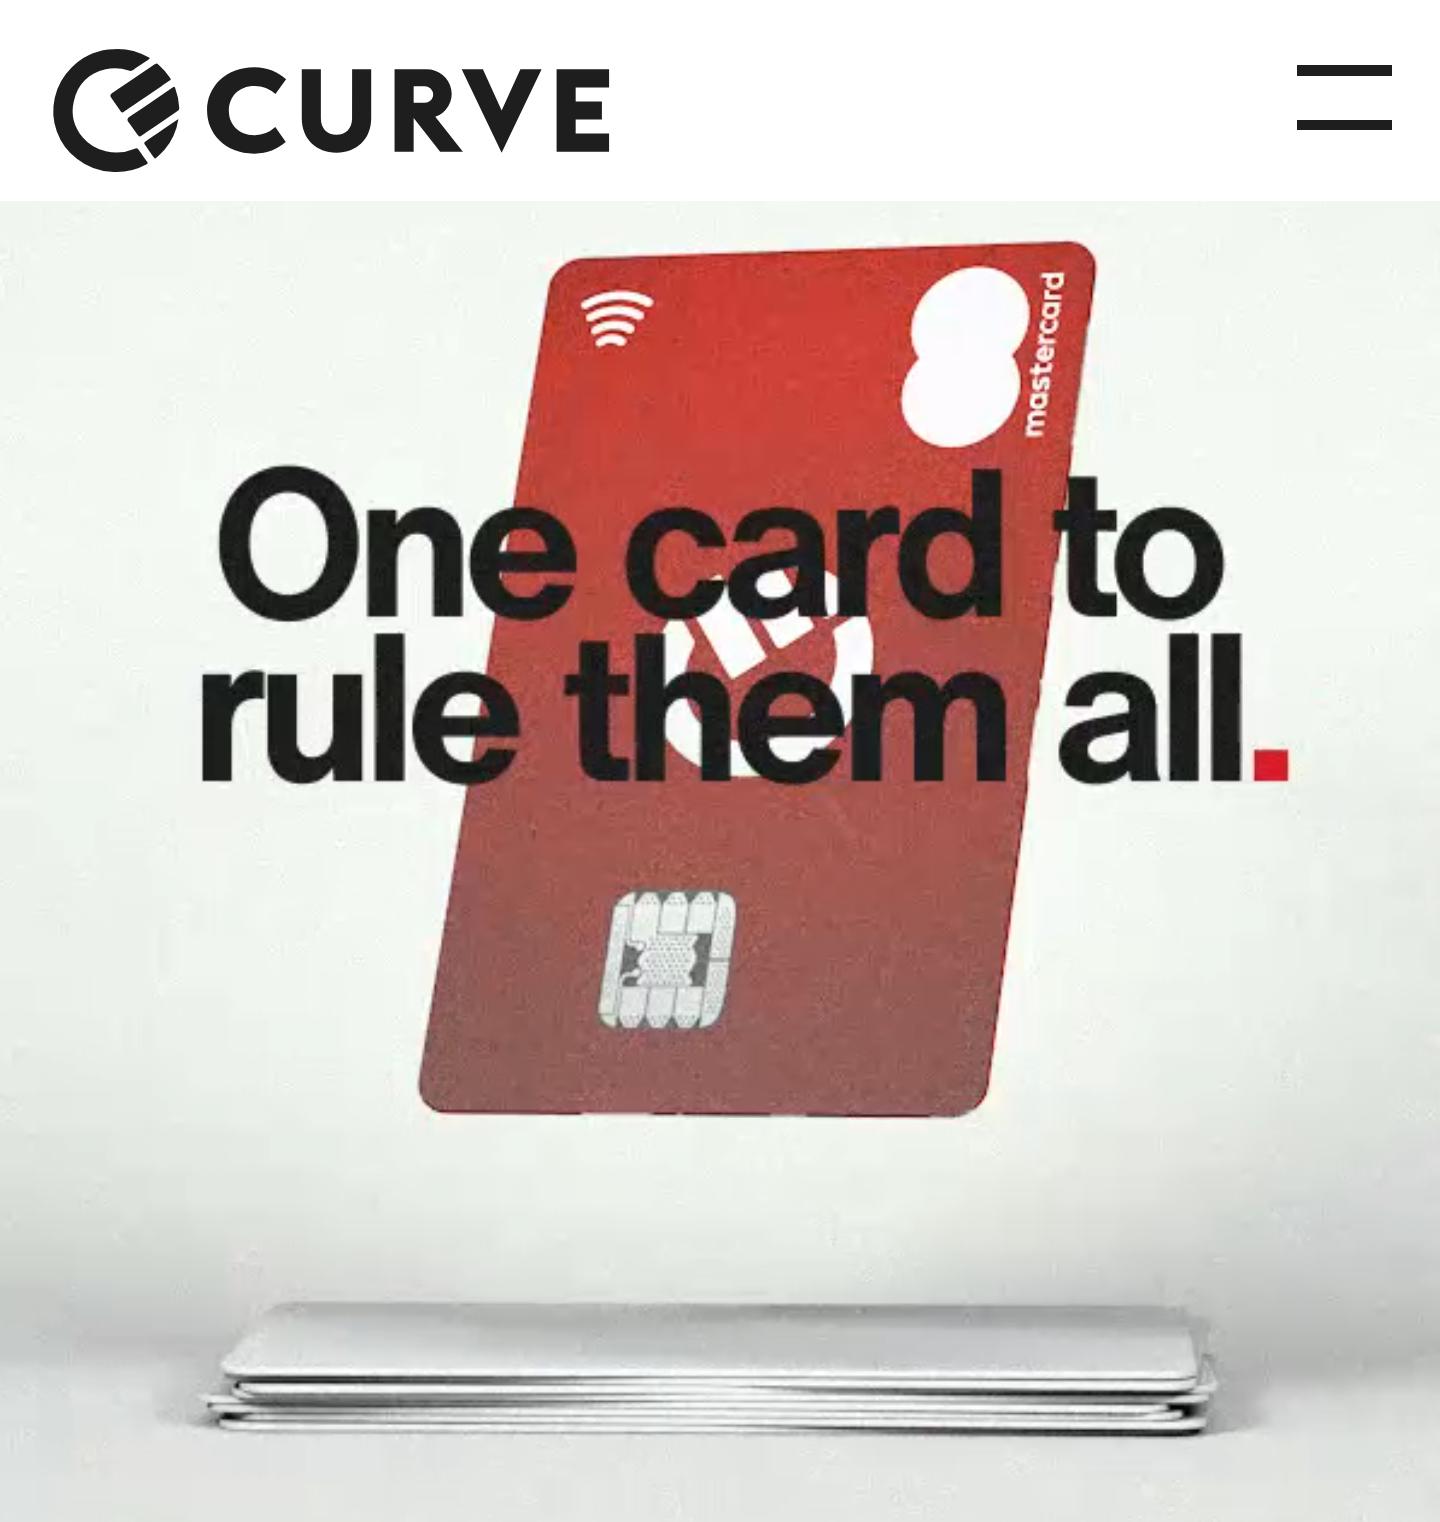 Kostenlose Curve Mastercard - 1% Cashback erneuern + 5£ bei Abschluss mit KWK